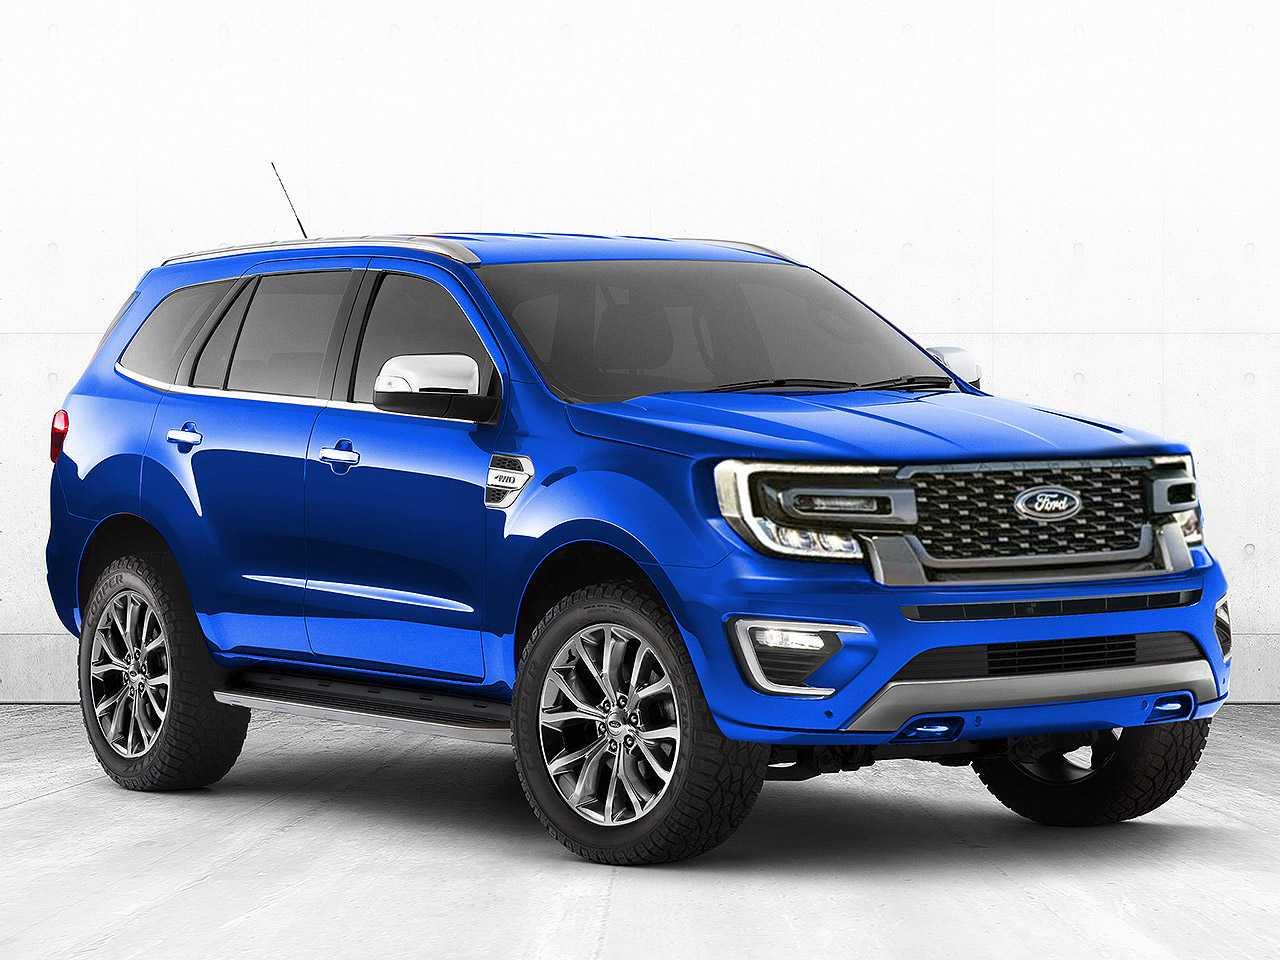 Projeção de Kleber Silva para a próxima geração do Ford Everest